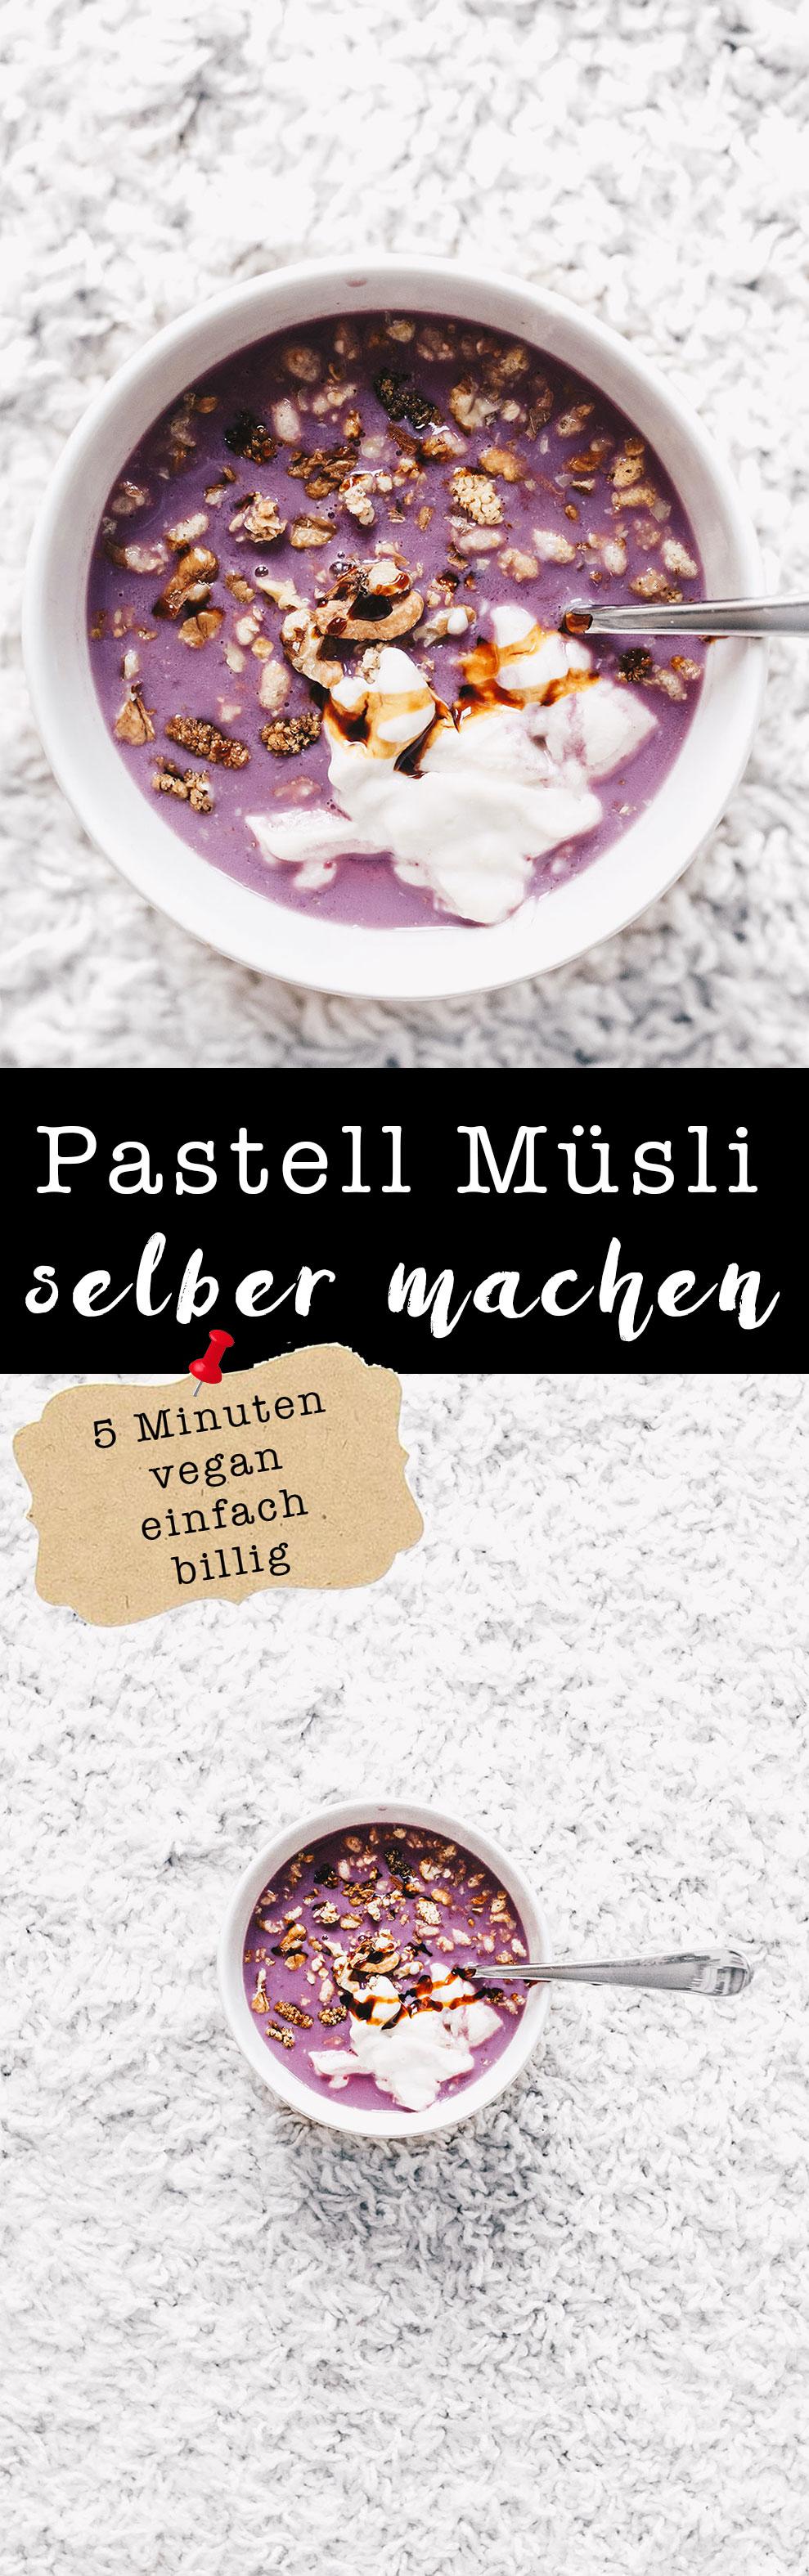 pastell-vegan-frühstück-billig-5-minuten